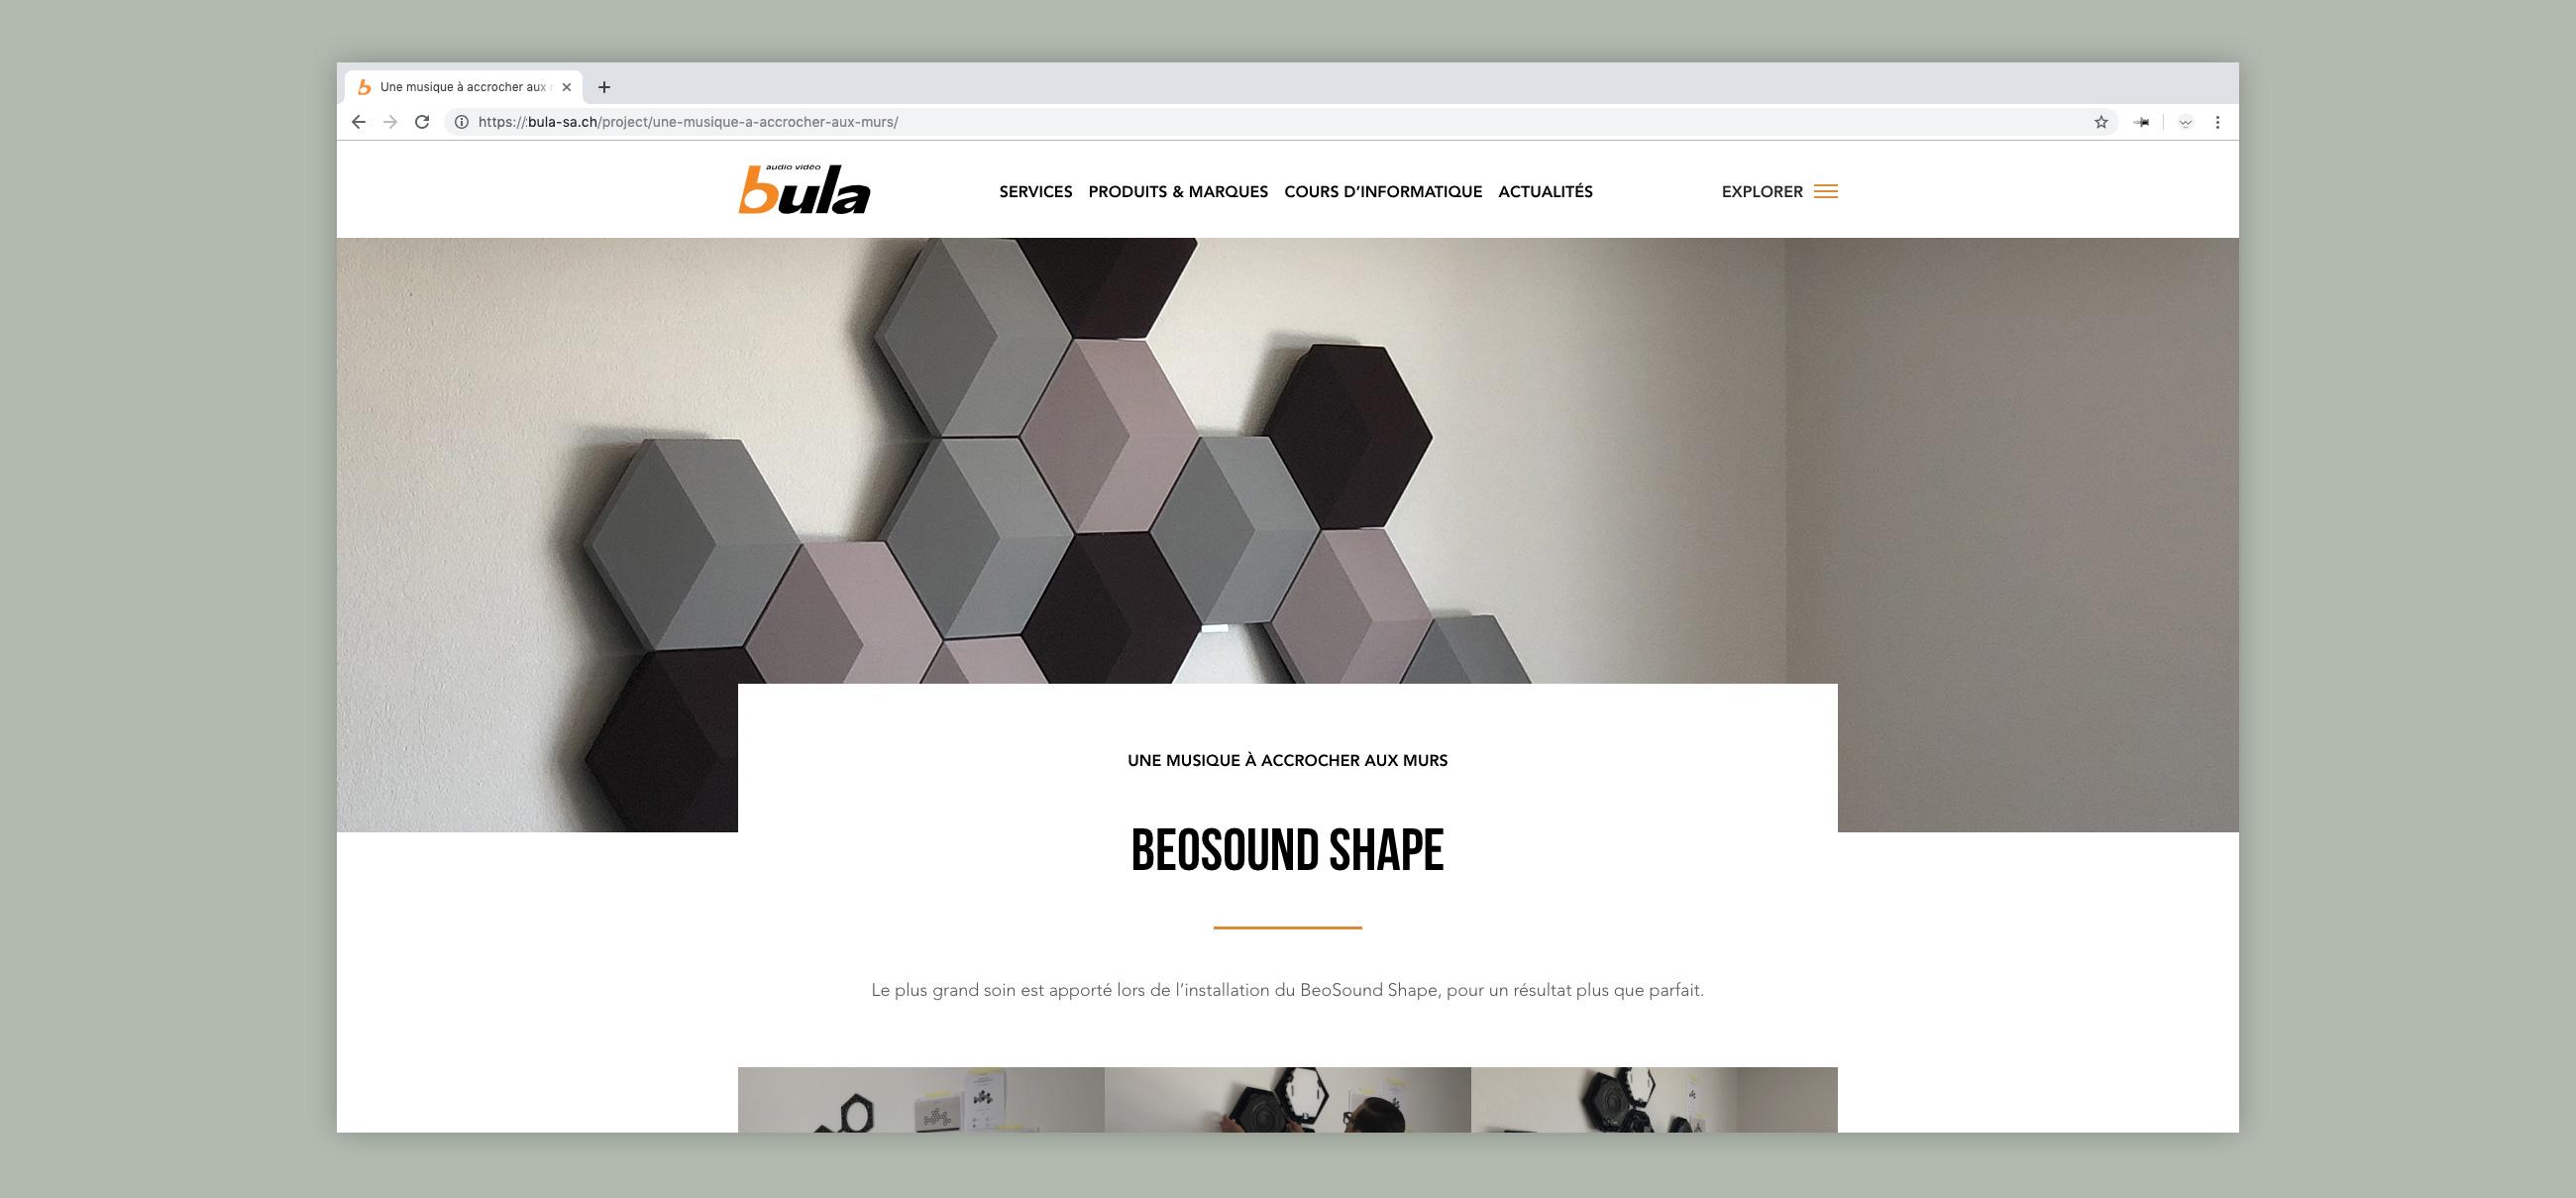 Site web bula - page projets